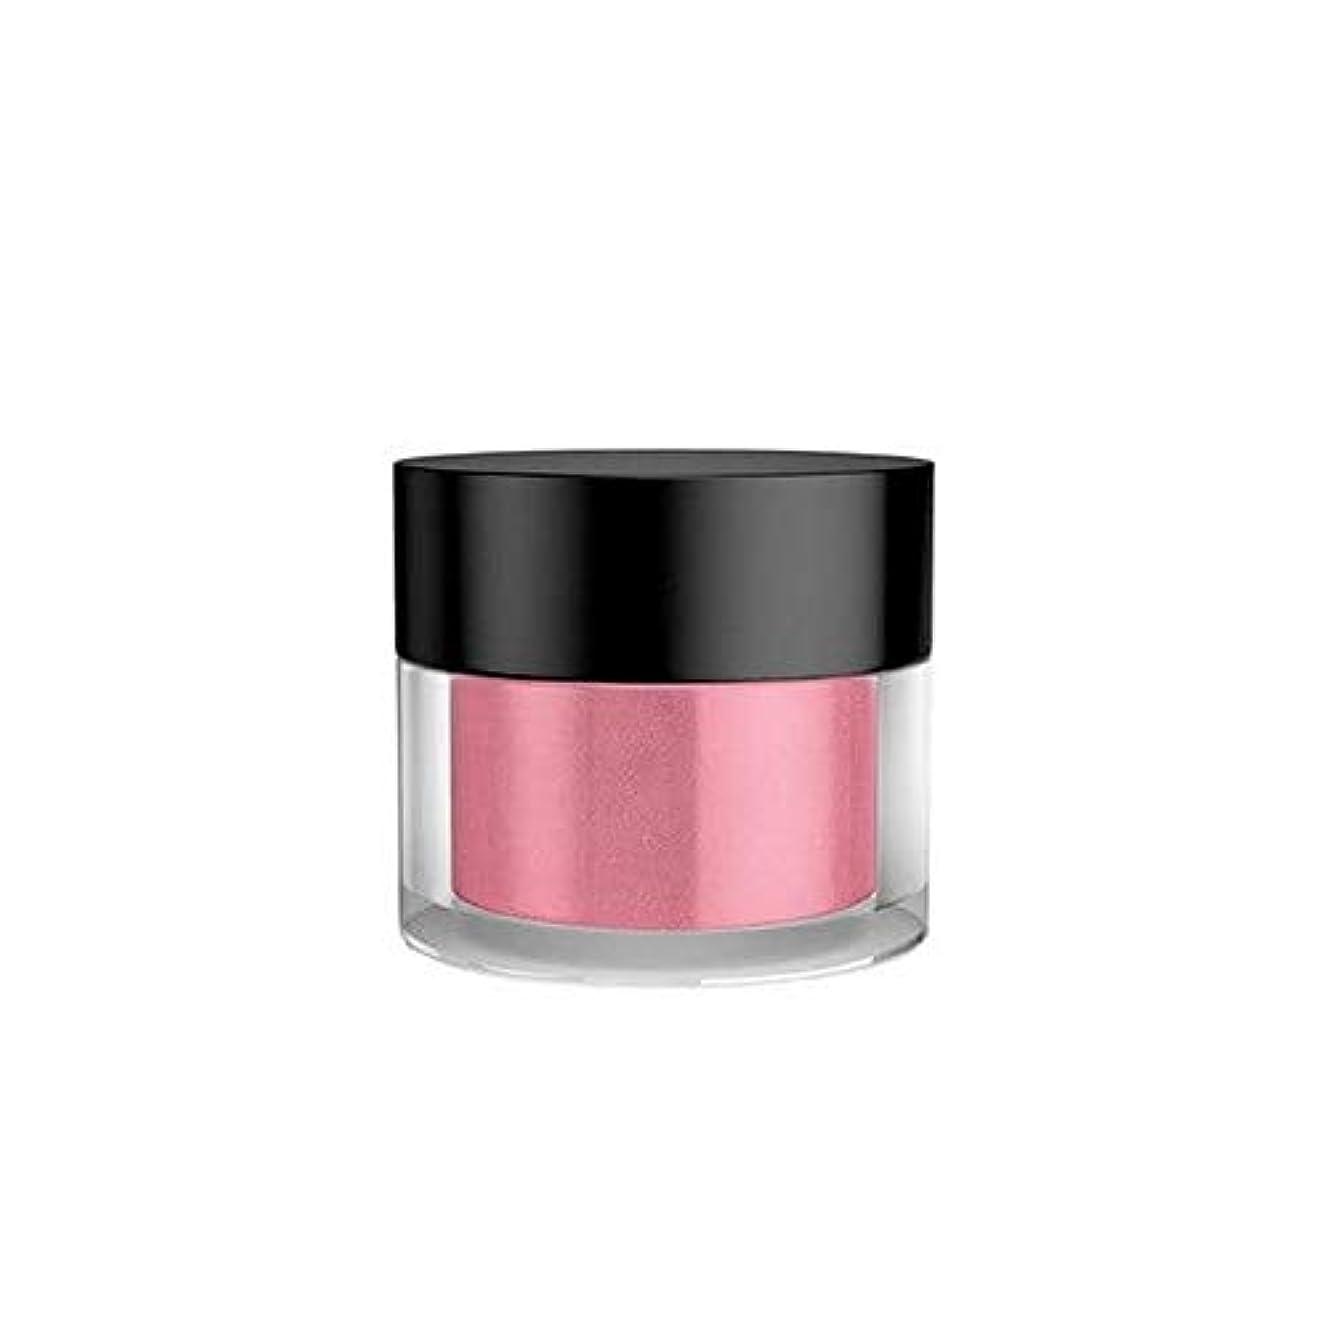 褐色とてもワードローブ[GOSH ] おやっ効果粉末クロムは005をバラ - Gosh Effect Powder Chrome Rose 005 [並行輸入品]